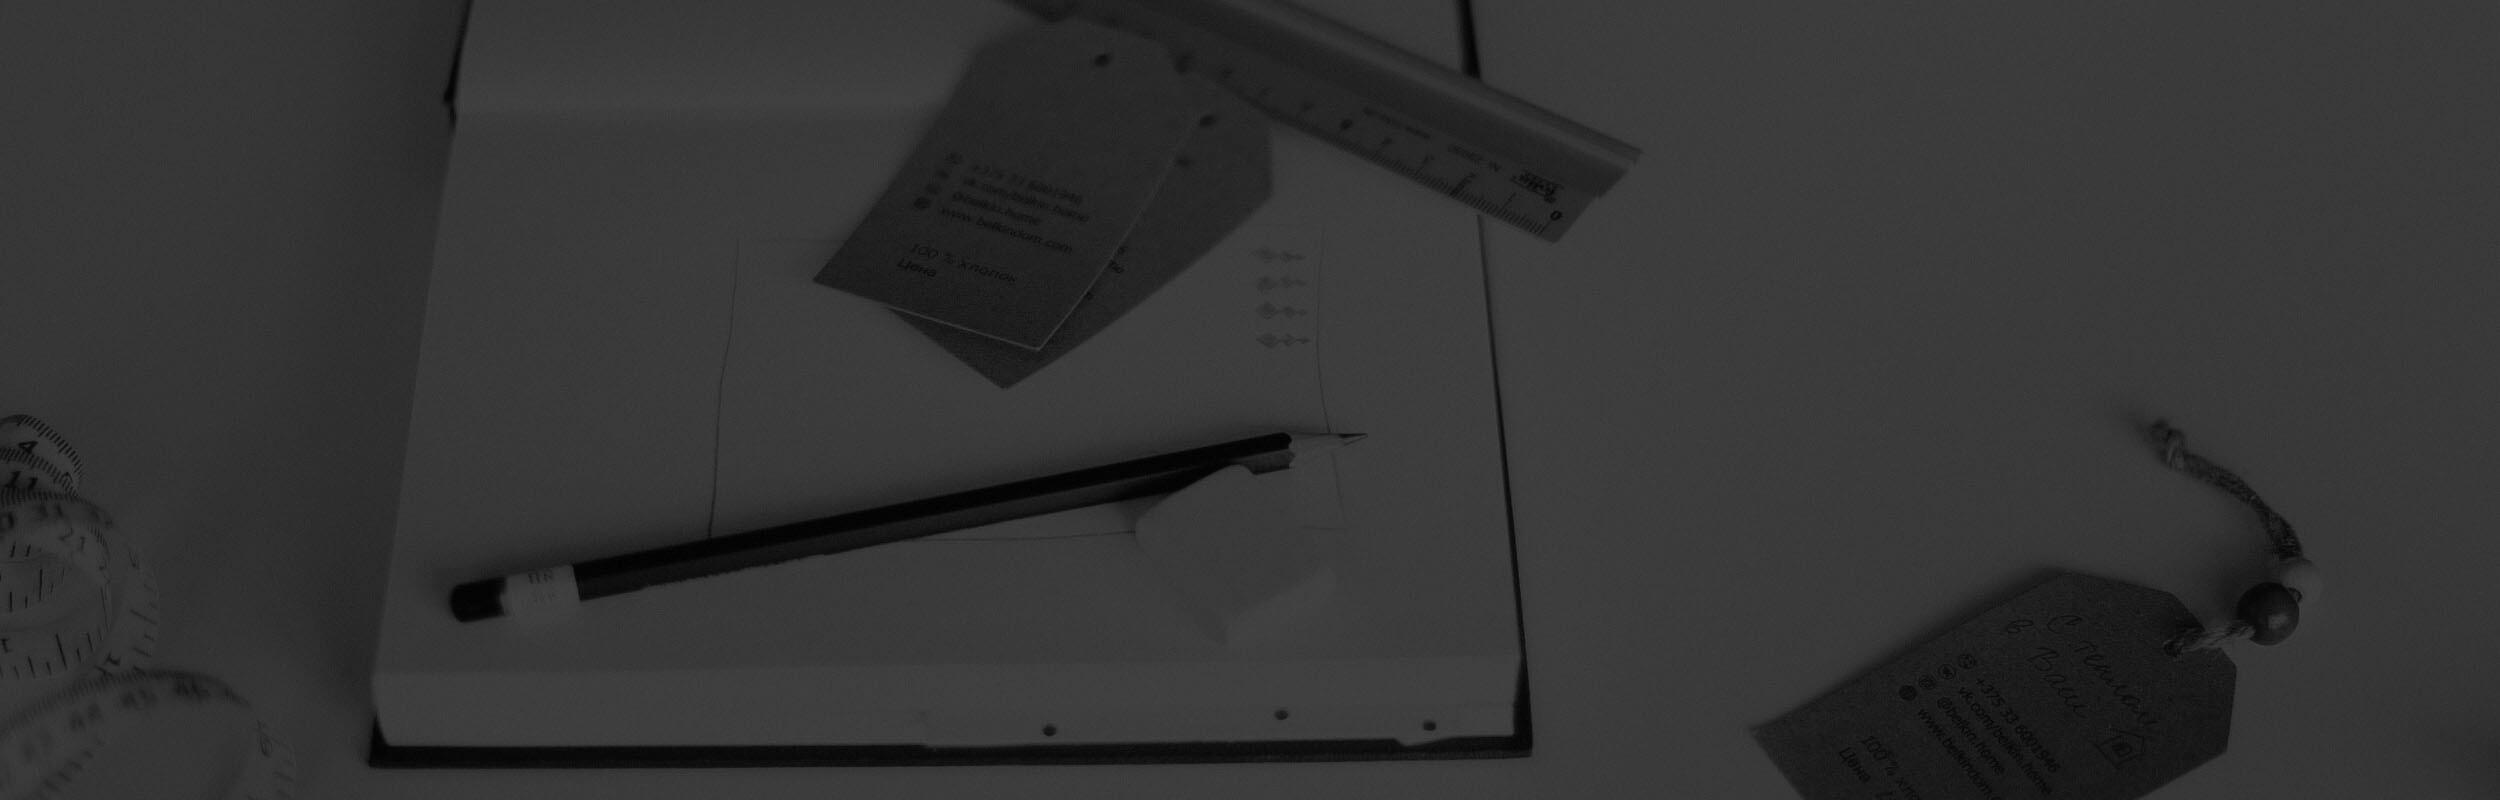 pero a výsačky na zápisniku